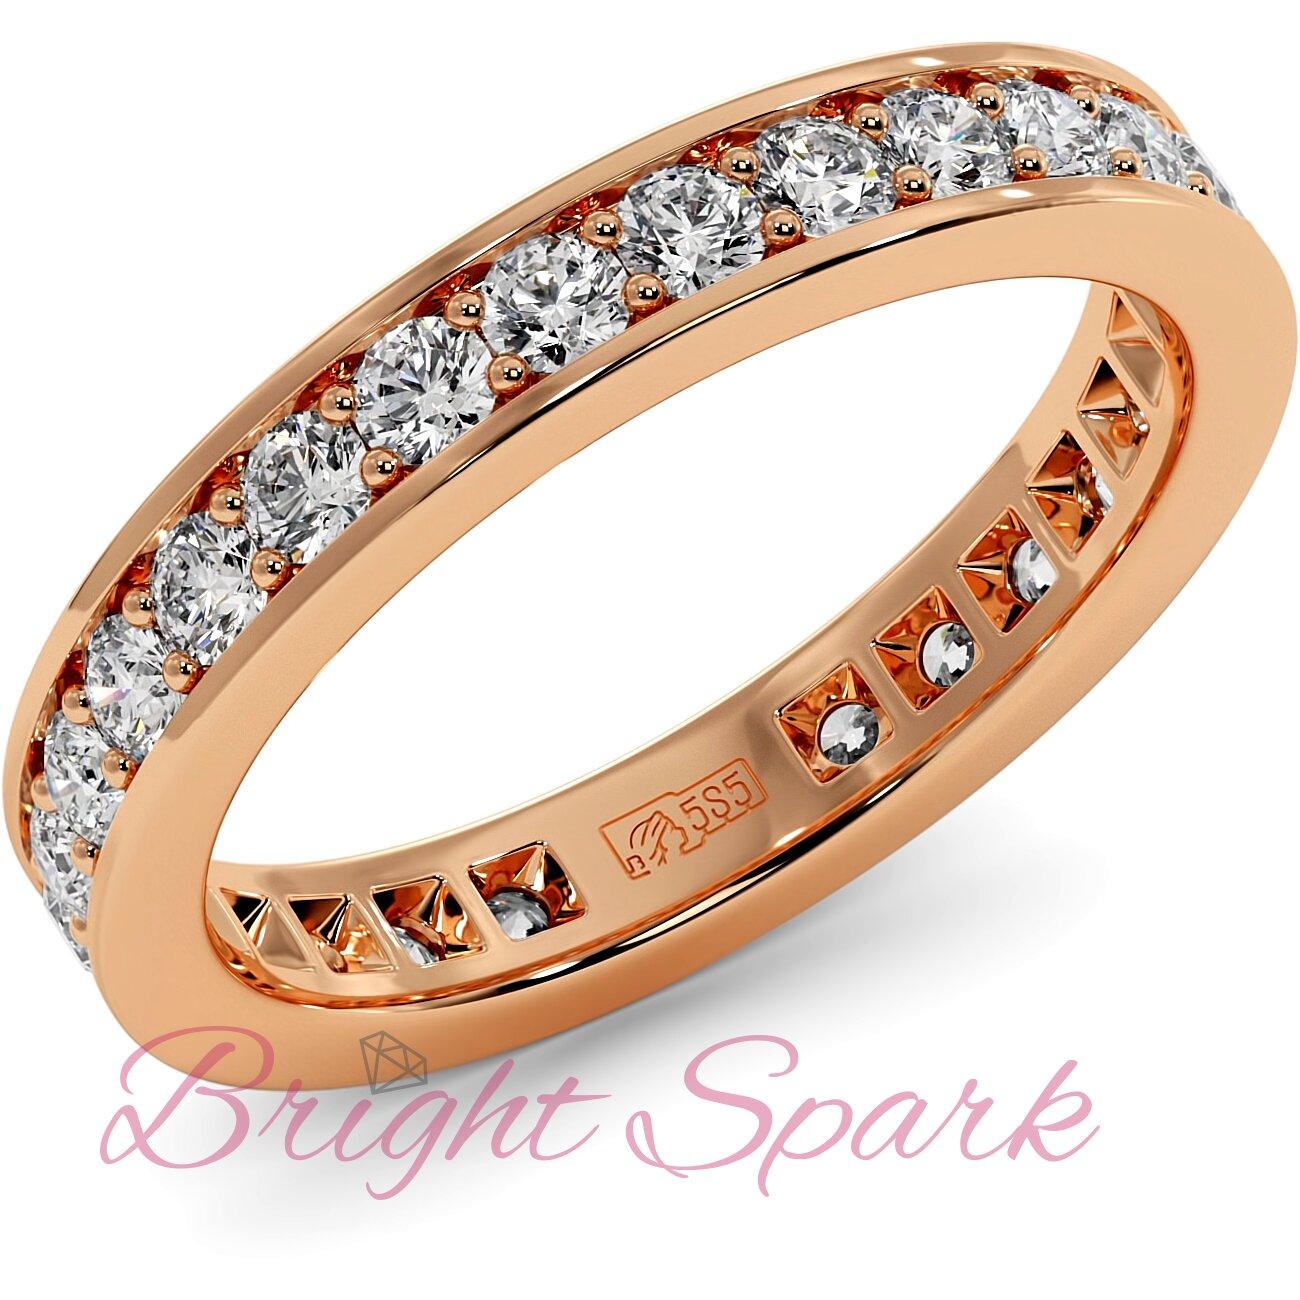 Обручальное кольцо розового золота с дорожкой Helen 0,8 карата